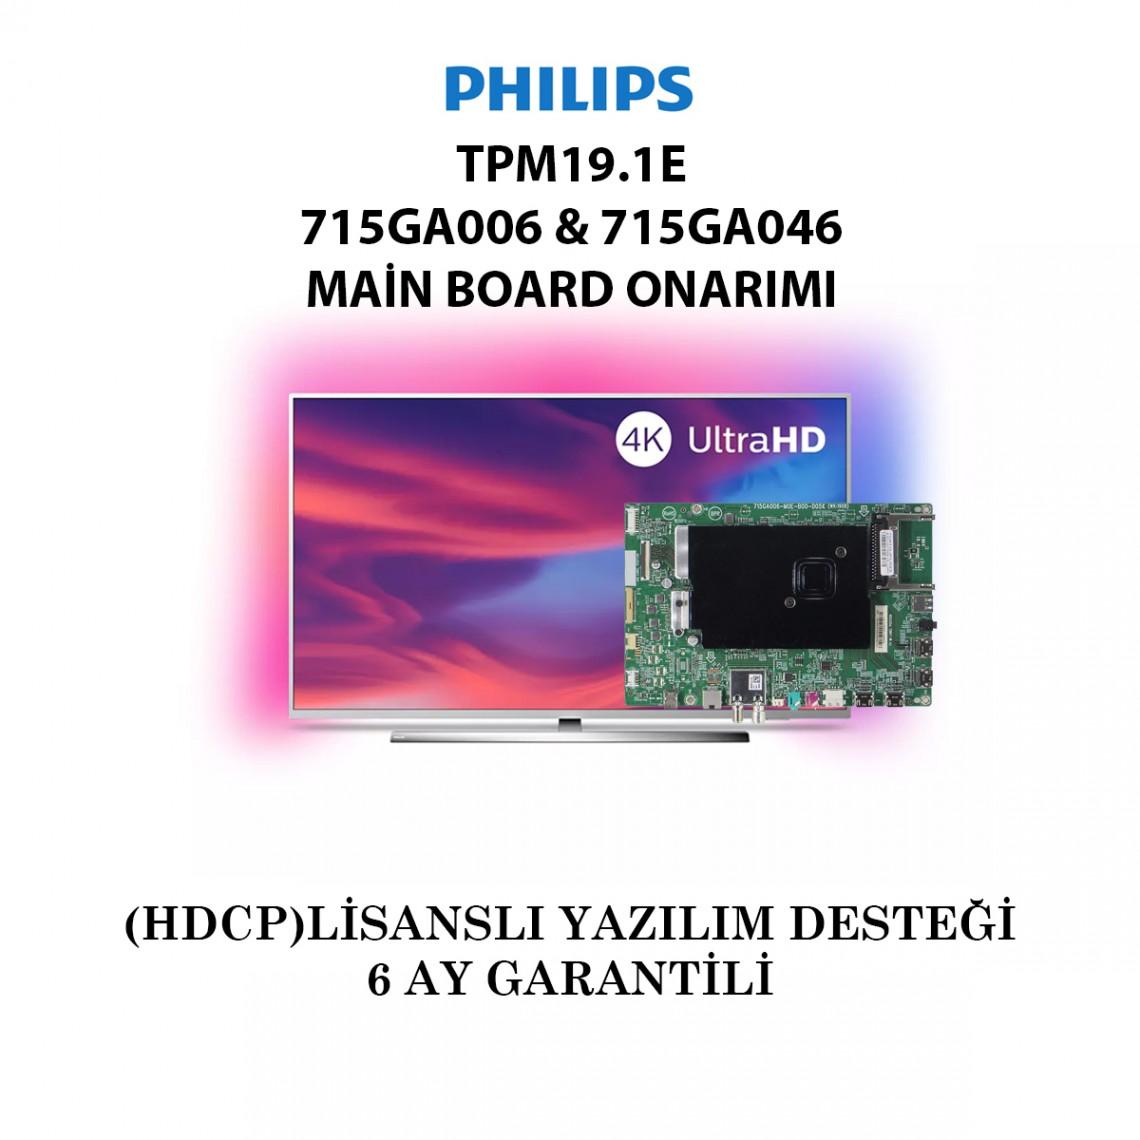 PHILIS, TPM19.1E, 715GA006, 715GA046, 715GA006-M0E-B00-005K, 715GA006-M0G-B00-005K, 715GA006-M0F-B00-005K, 715GA046-M0E-B00-005K, Main Board Onarımı